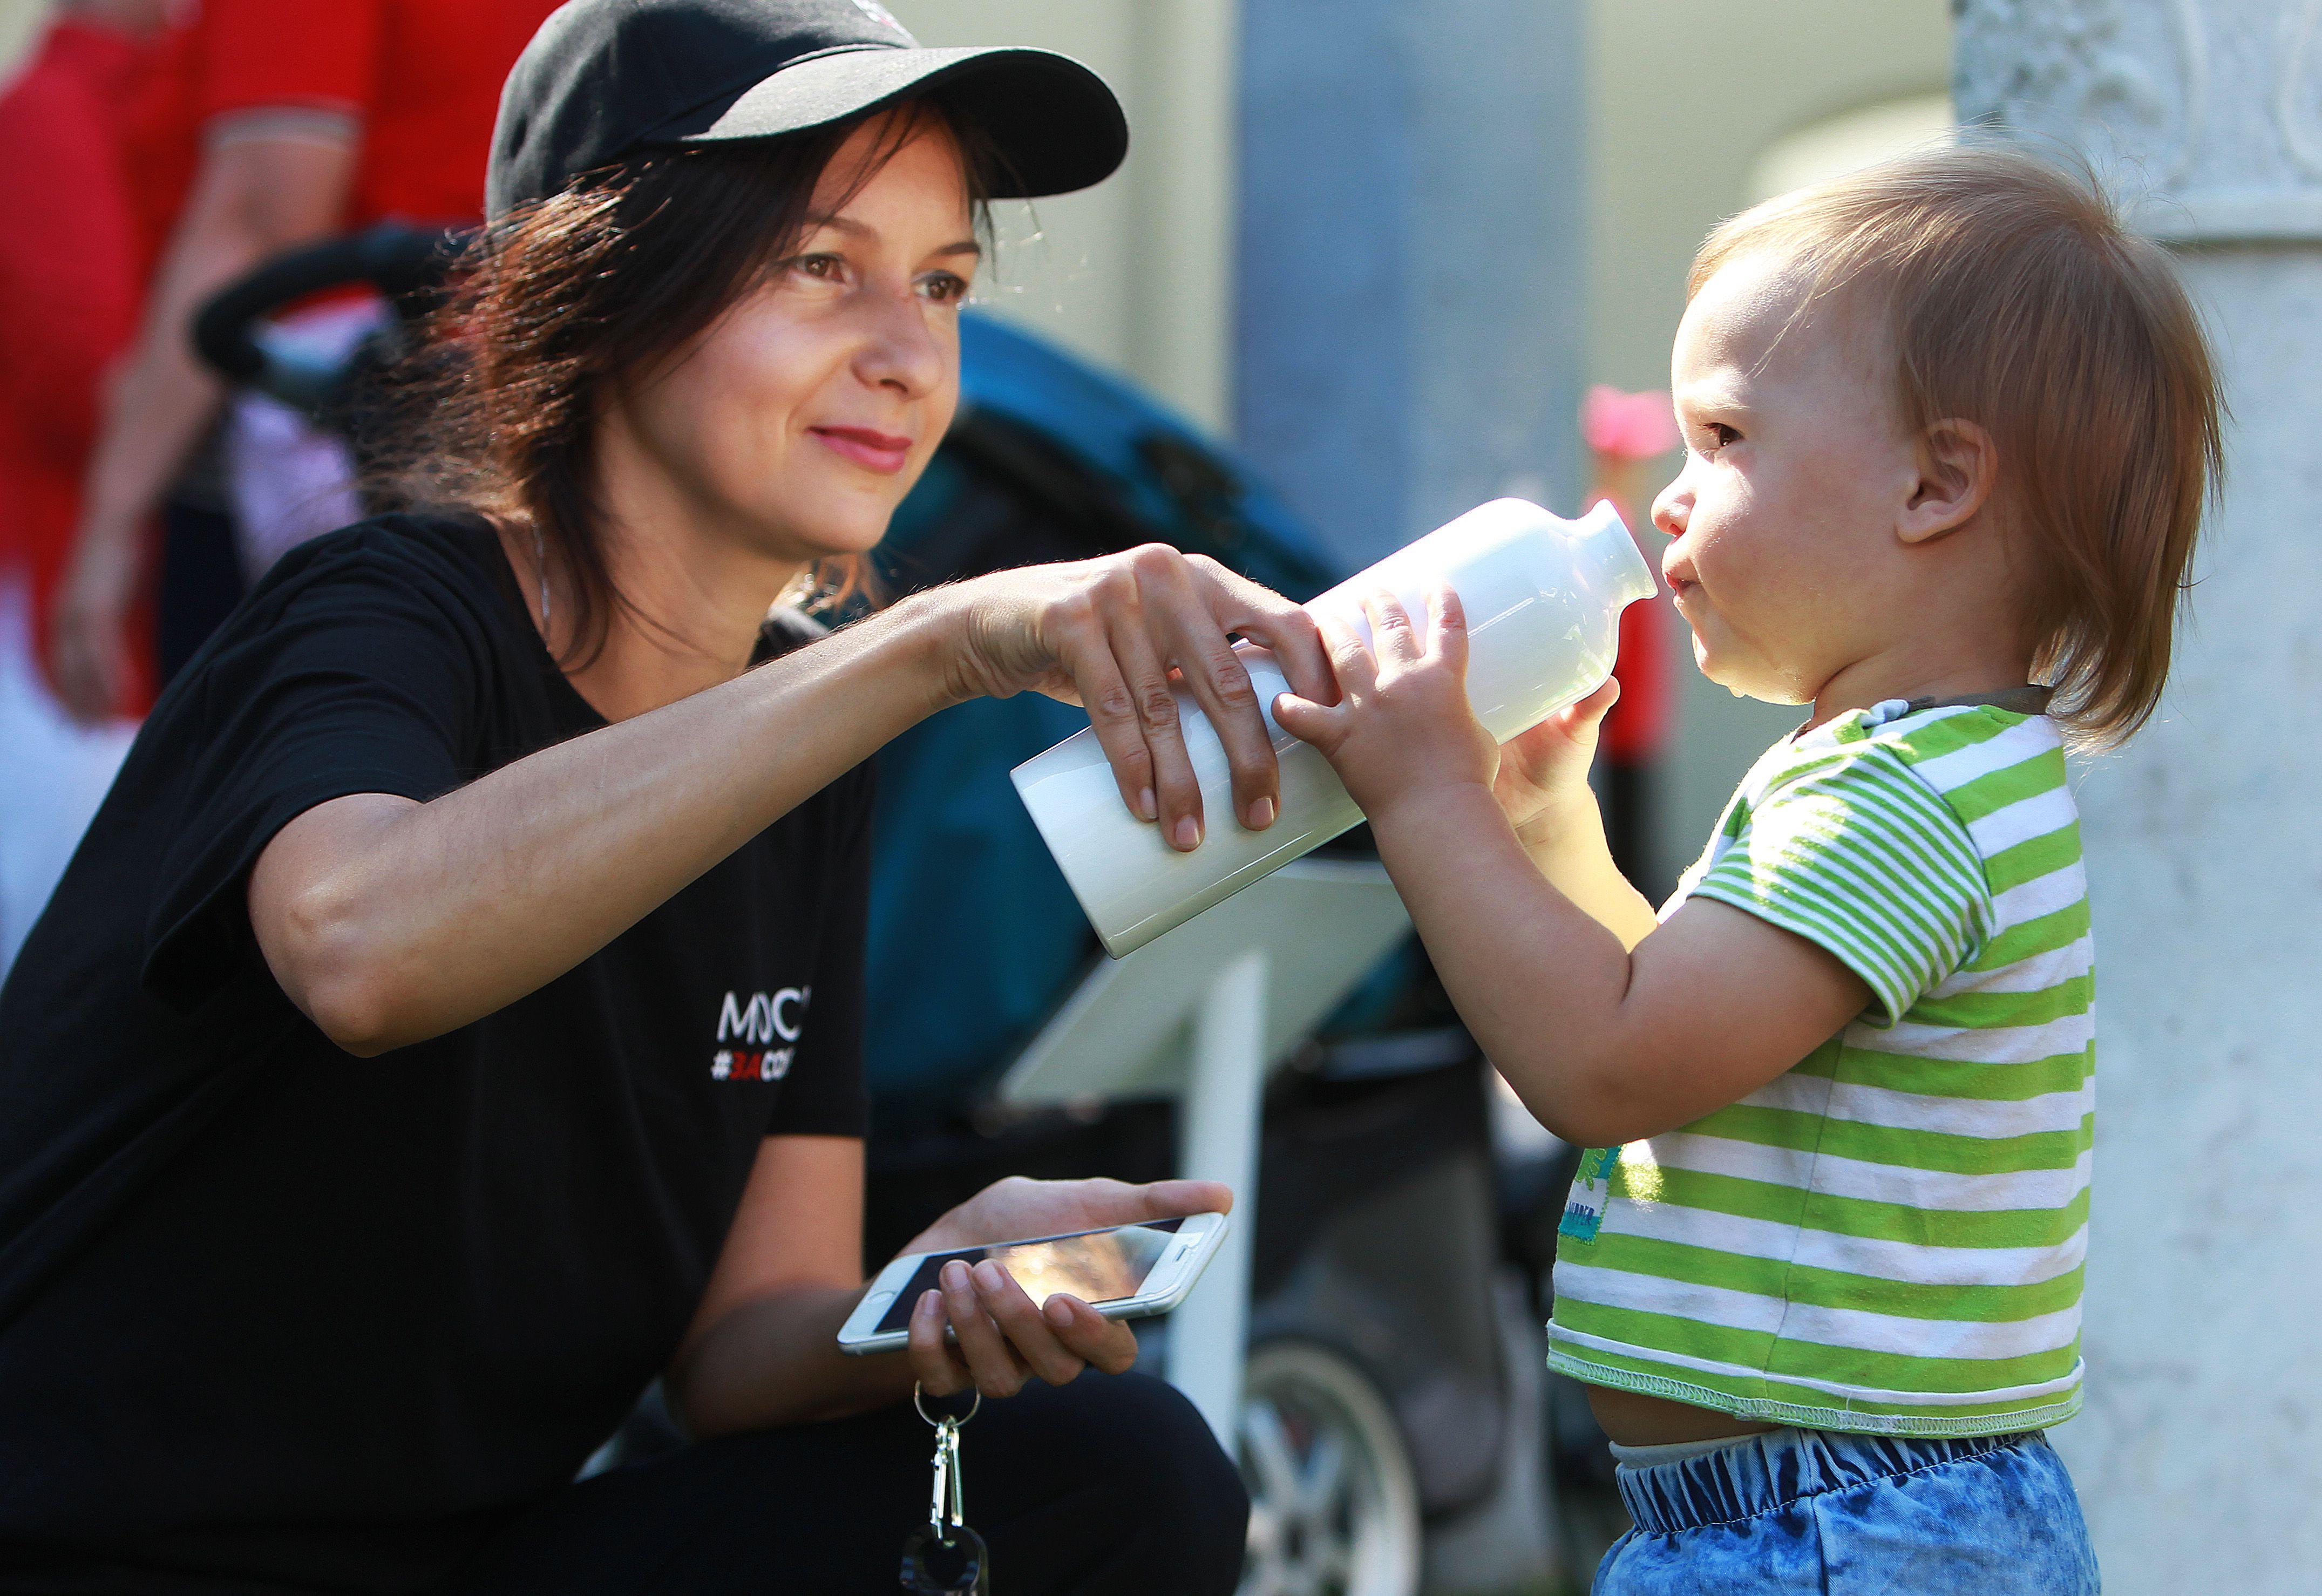 Около 350 тысяч человек получат бесплатные наборы питания по итогам конкурсов